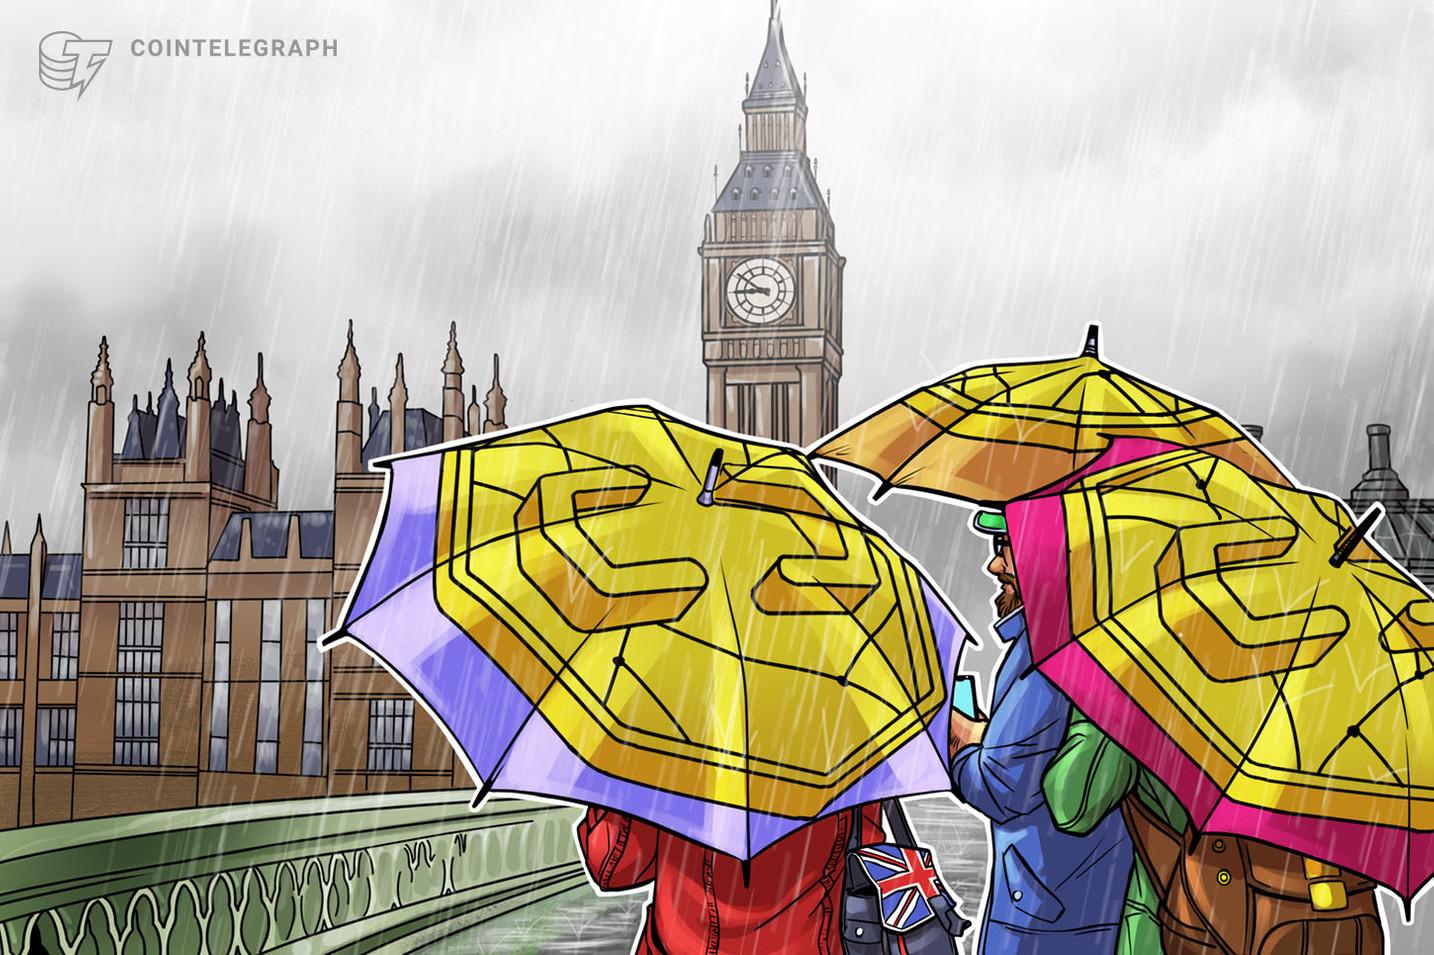 Pesquisa: 21% dos investidores em criptomoedas do Reino Unido dizem que não sabem quase nada sobre o assunto